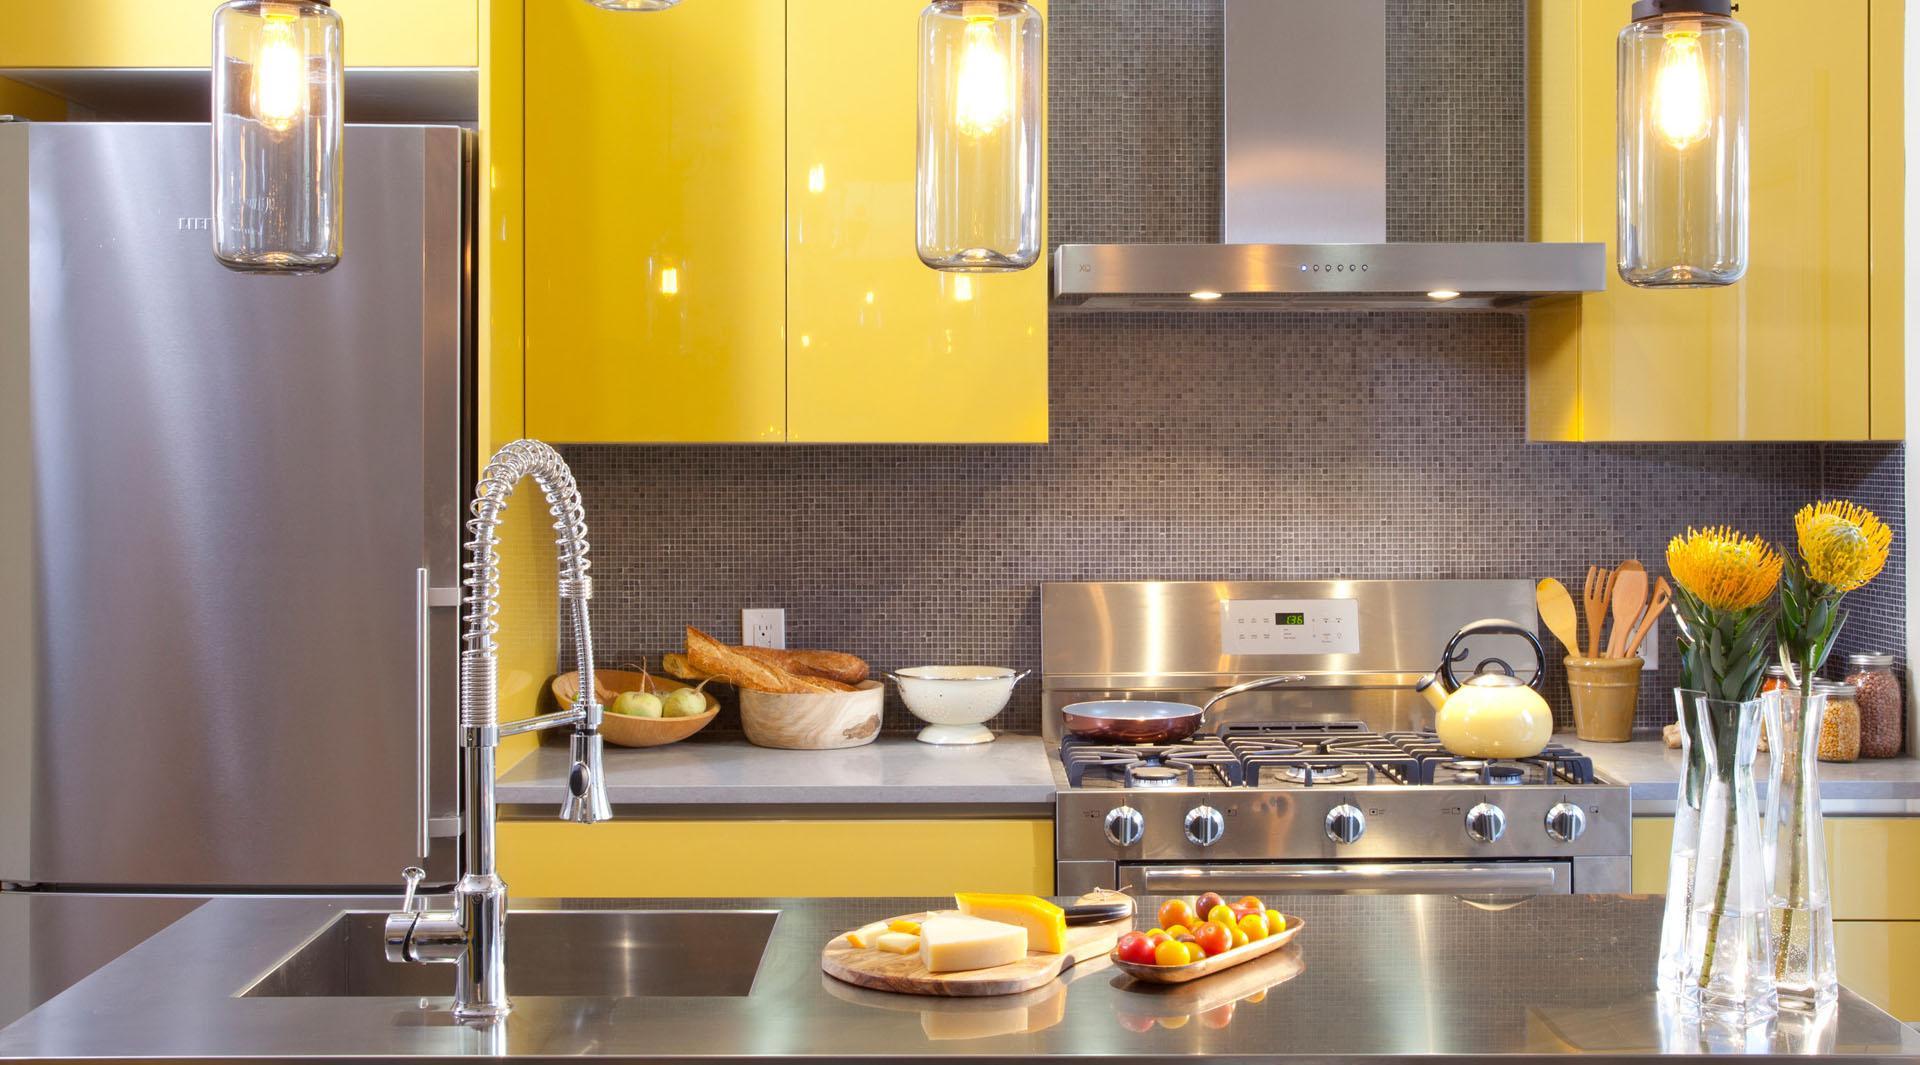 Металл хорошо сочетается с желтым цветом на кухне